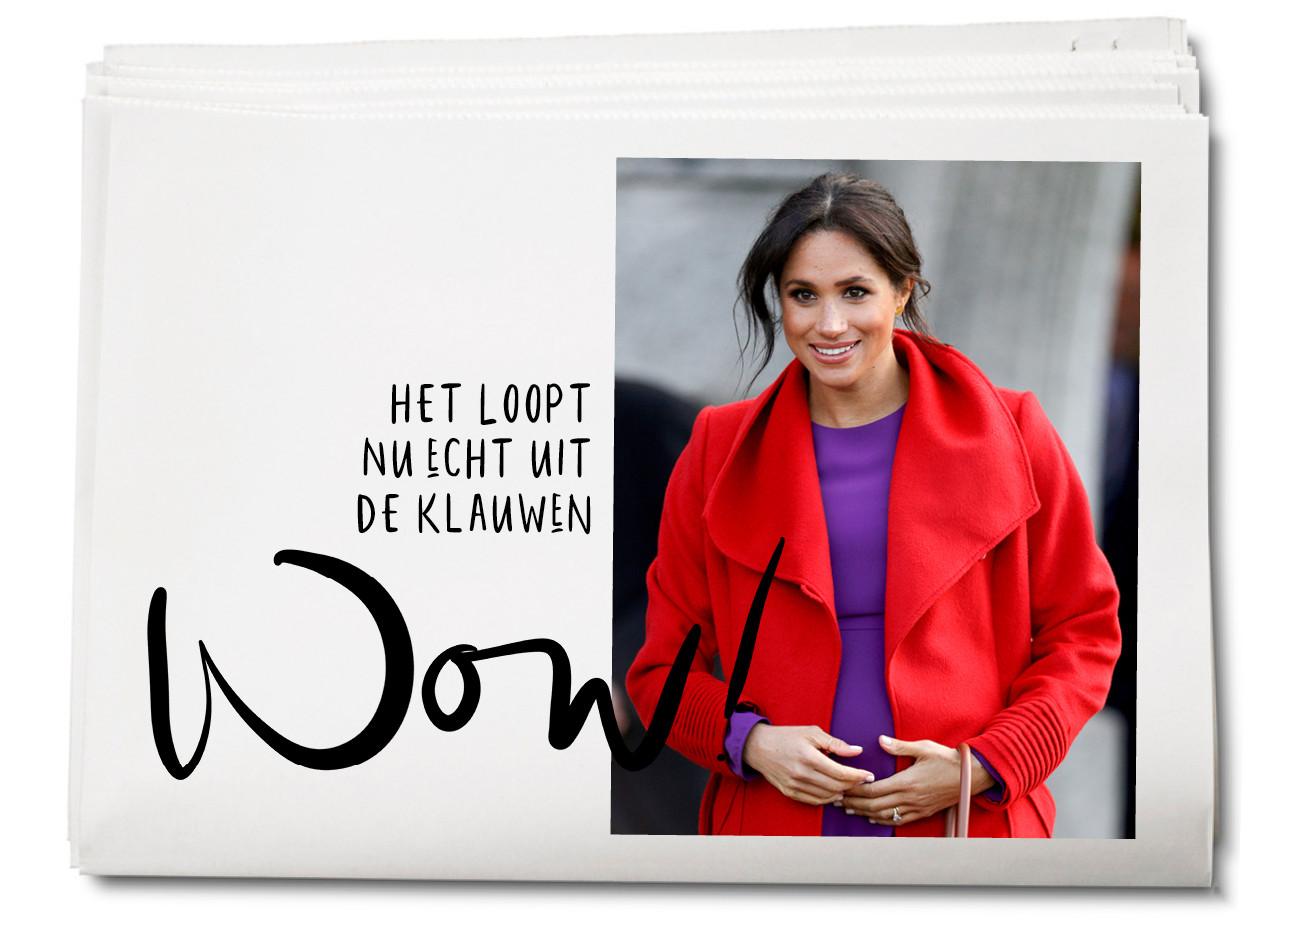 Meghan markle in rode jas met paarse jurk